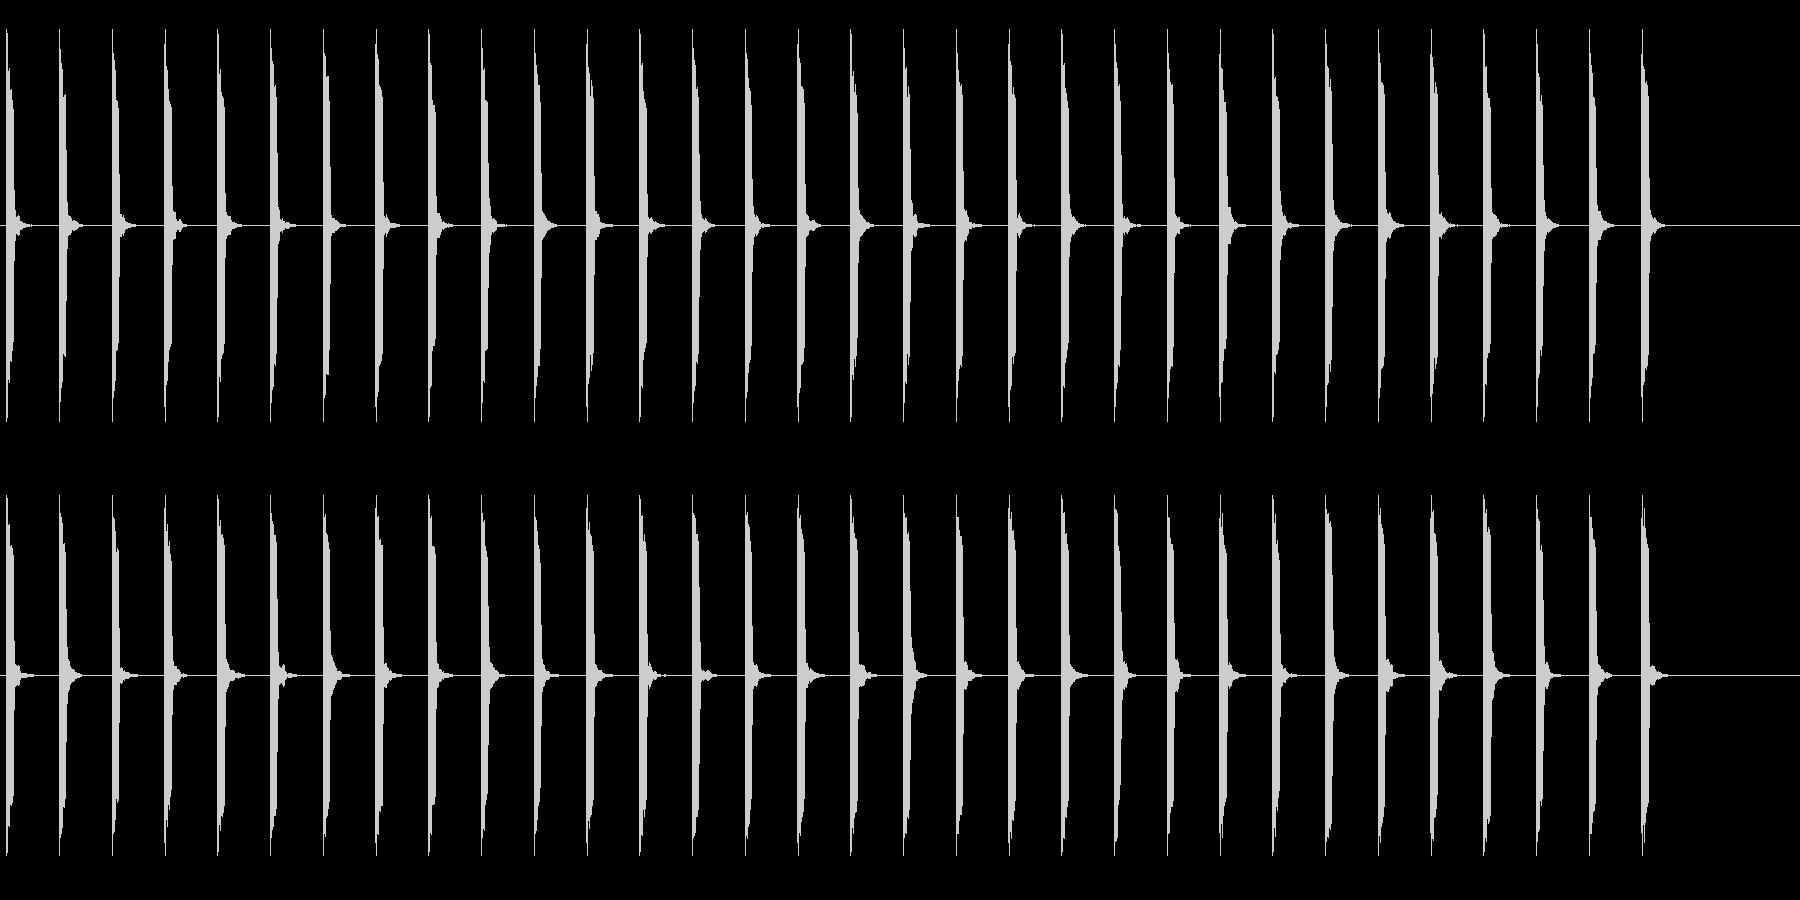 心電図の音-4-3(BPM60)の未再生の波形